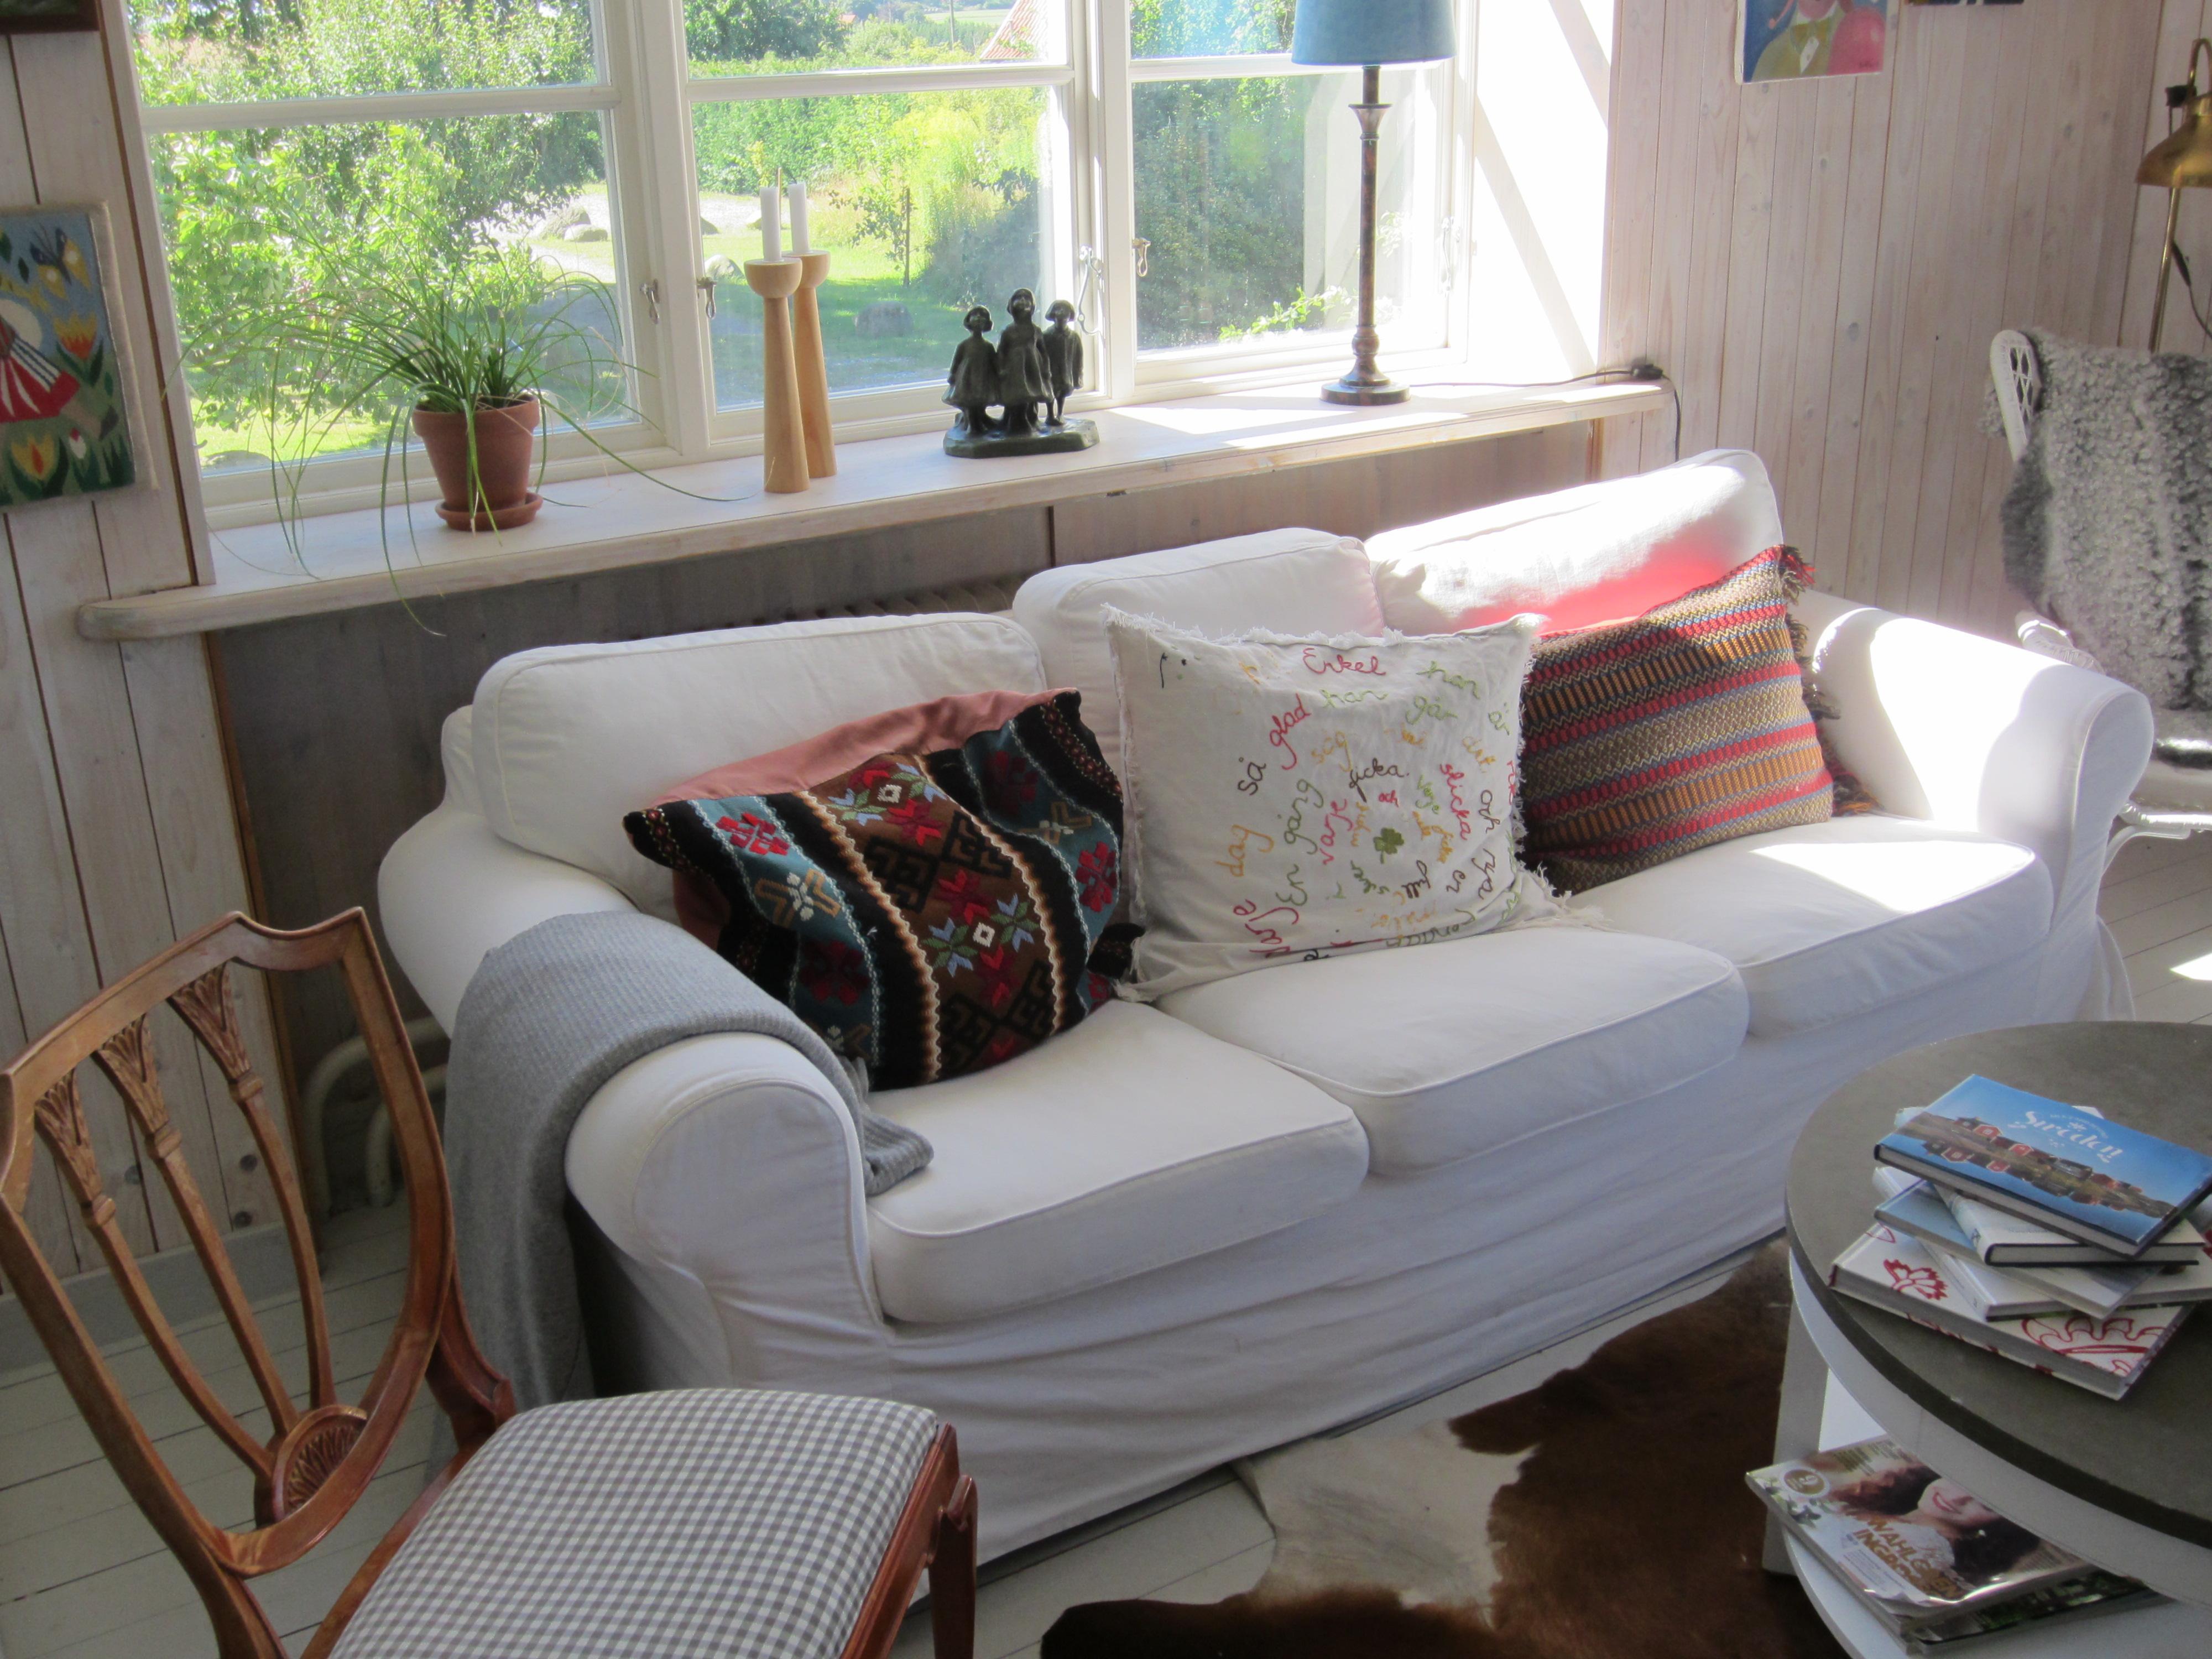 Wohnideen Wohnzimmer Romantisch romantisch wohnen bilder ideen couchstyle